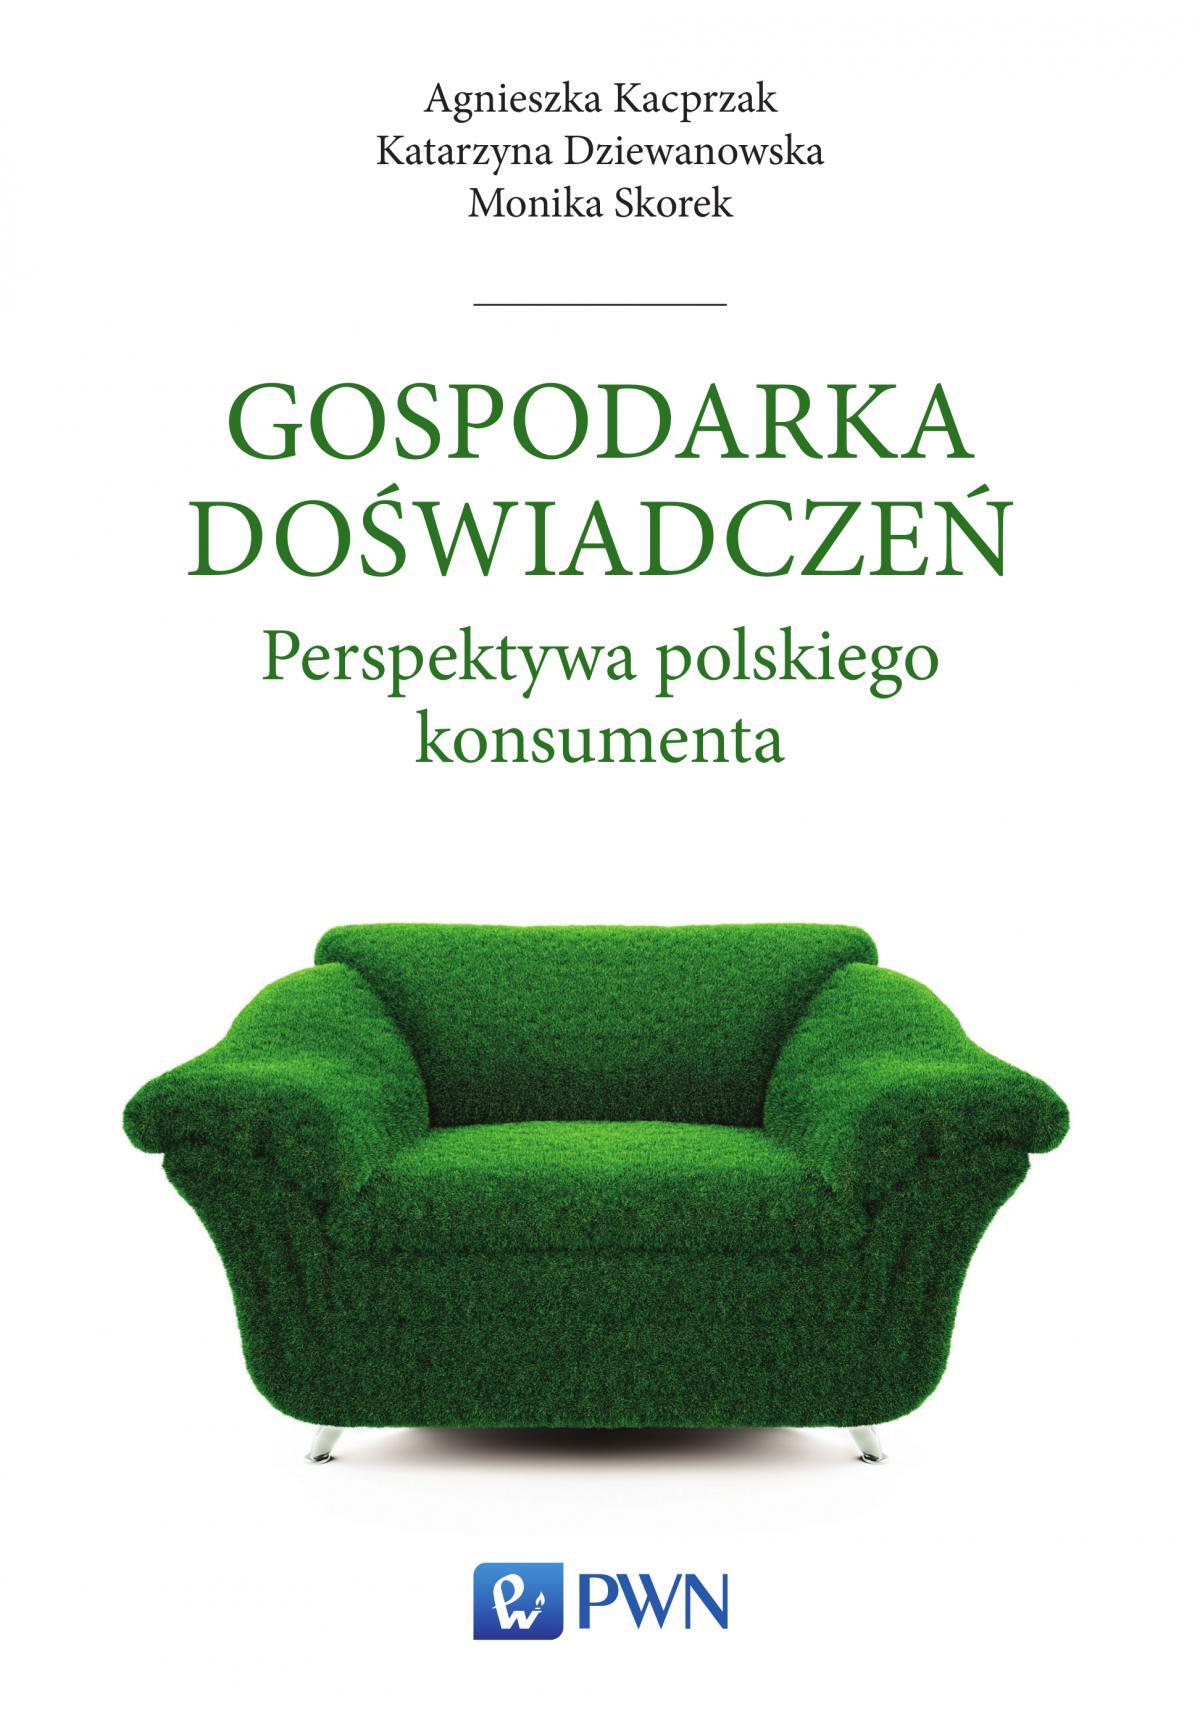 Gospodarka doświadczeń. Perspektywa polskiego konsumenta - Ebook (Książka EPUB) do pobrania w formacie EPUB